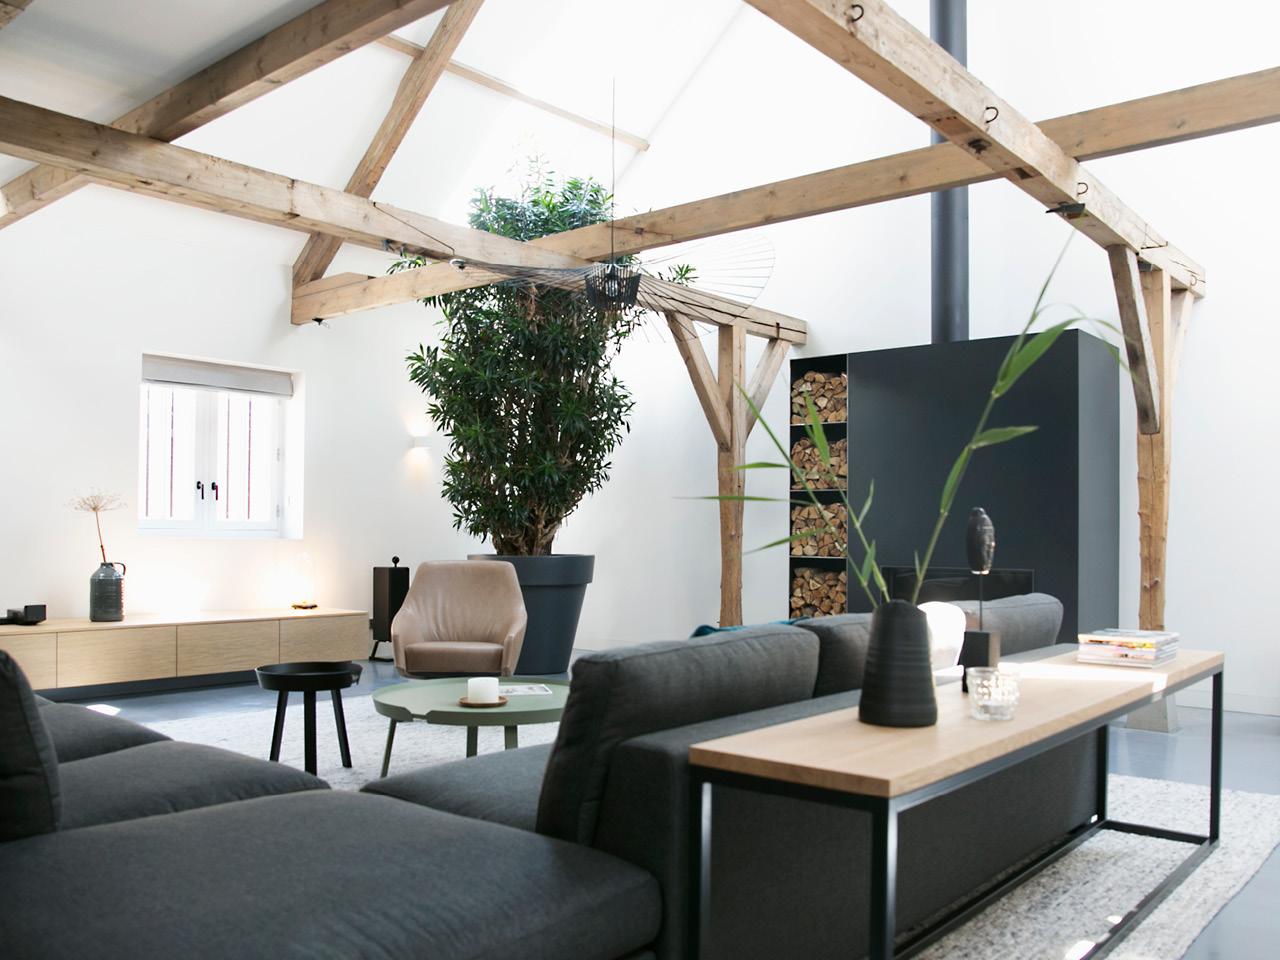 interieur woonboerderij ontwerp